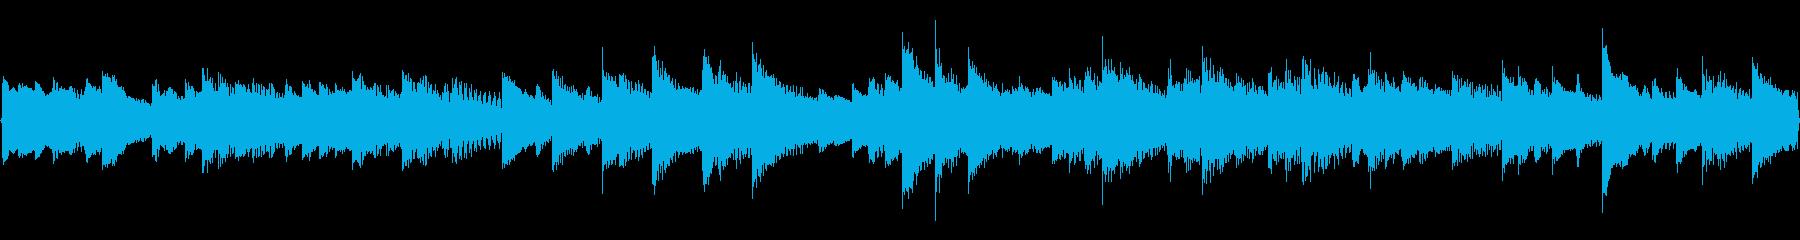 優しいエレピと明るいチェレスタのループ曲の再生済みの波形